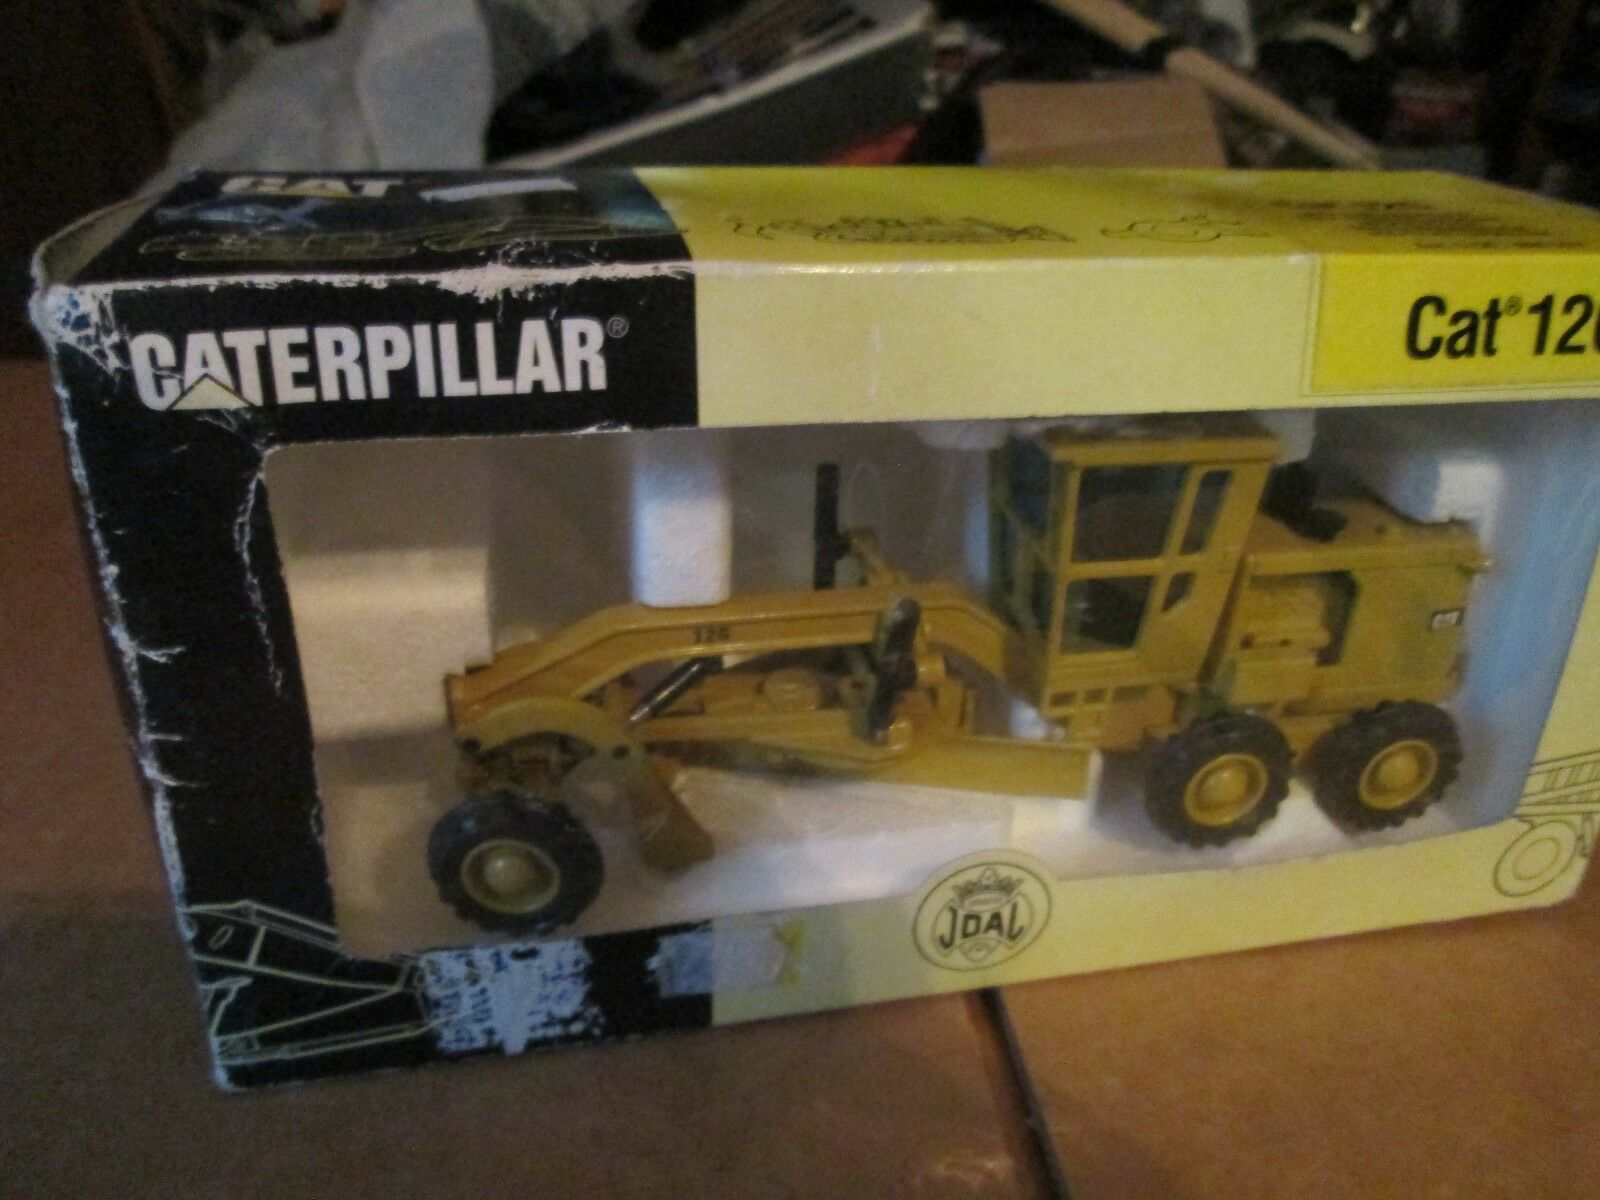 Caterpillar CAT 12 G Road Motor Grader Niveleuse échelle 1 50 Joal made in Spain